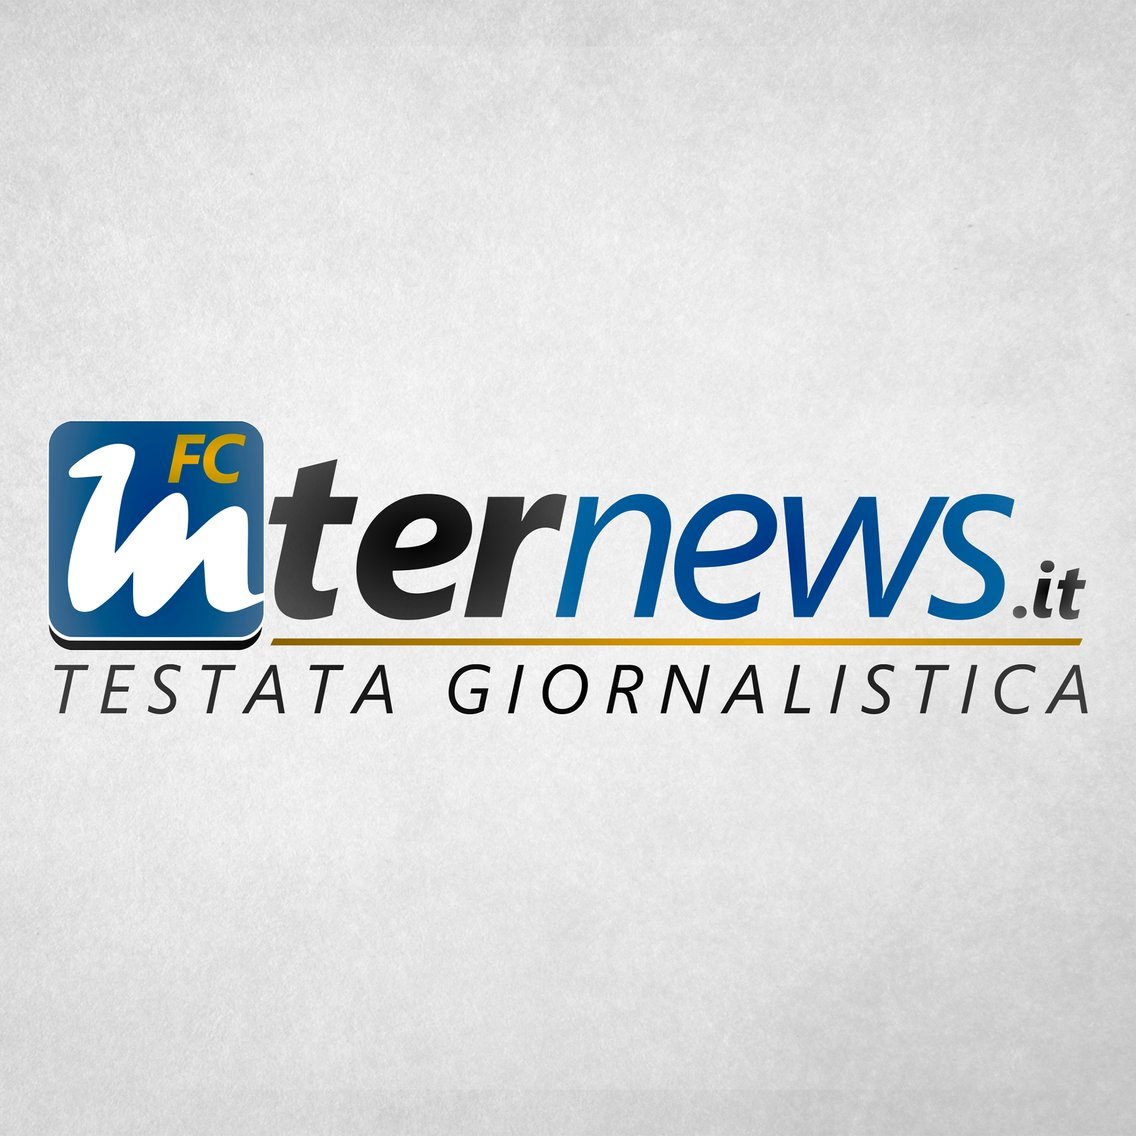 FcInterNews.it - immagine di copertina